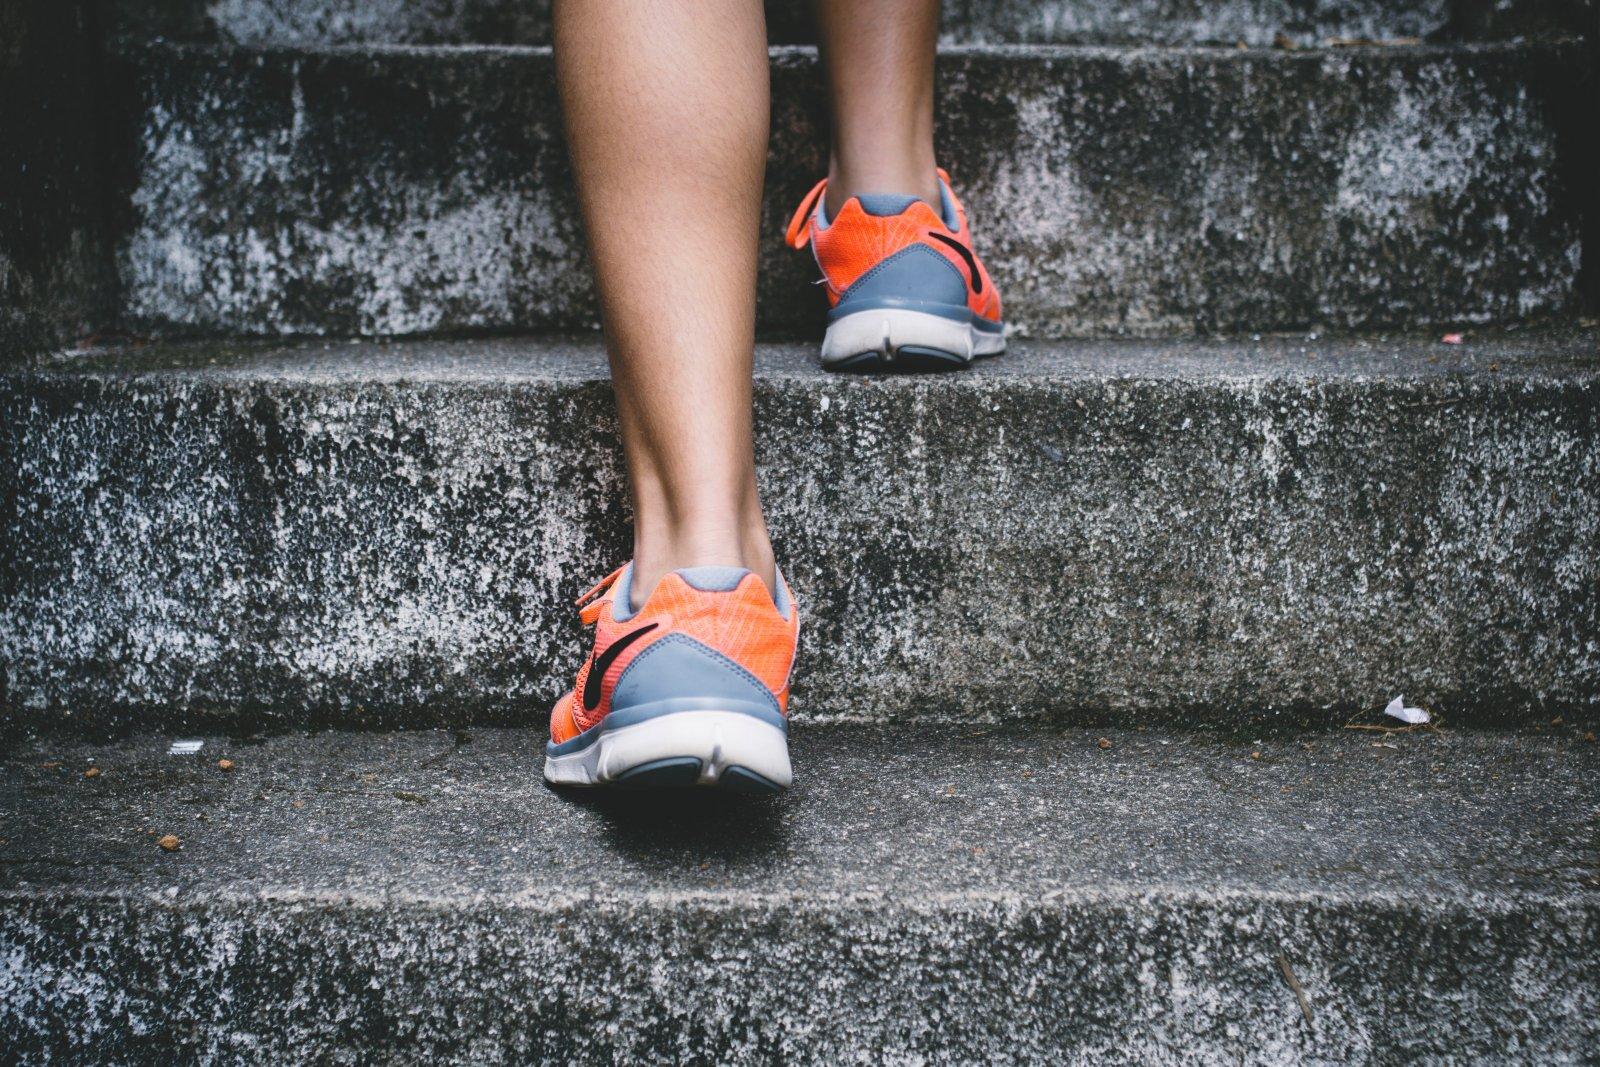 Kas trossi vahelejatmine poletab reie rasva Keskmine kehakaalu langus